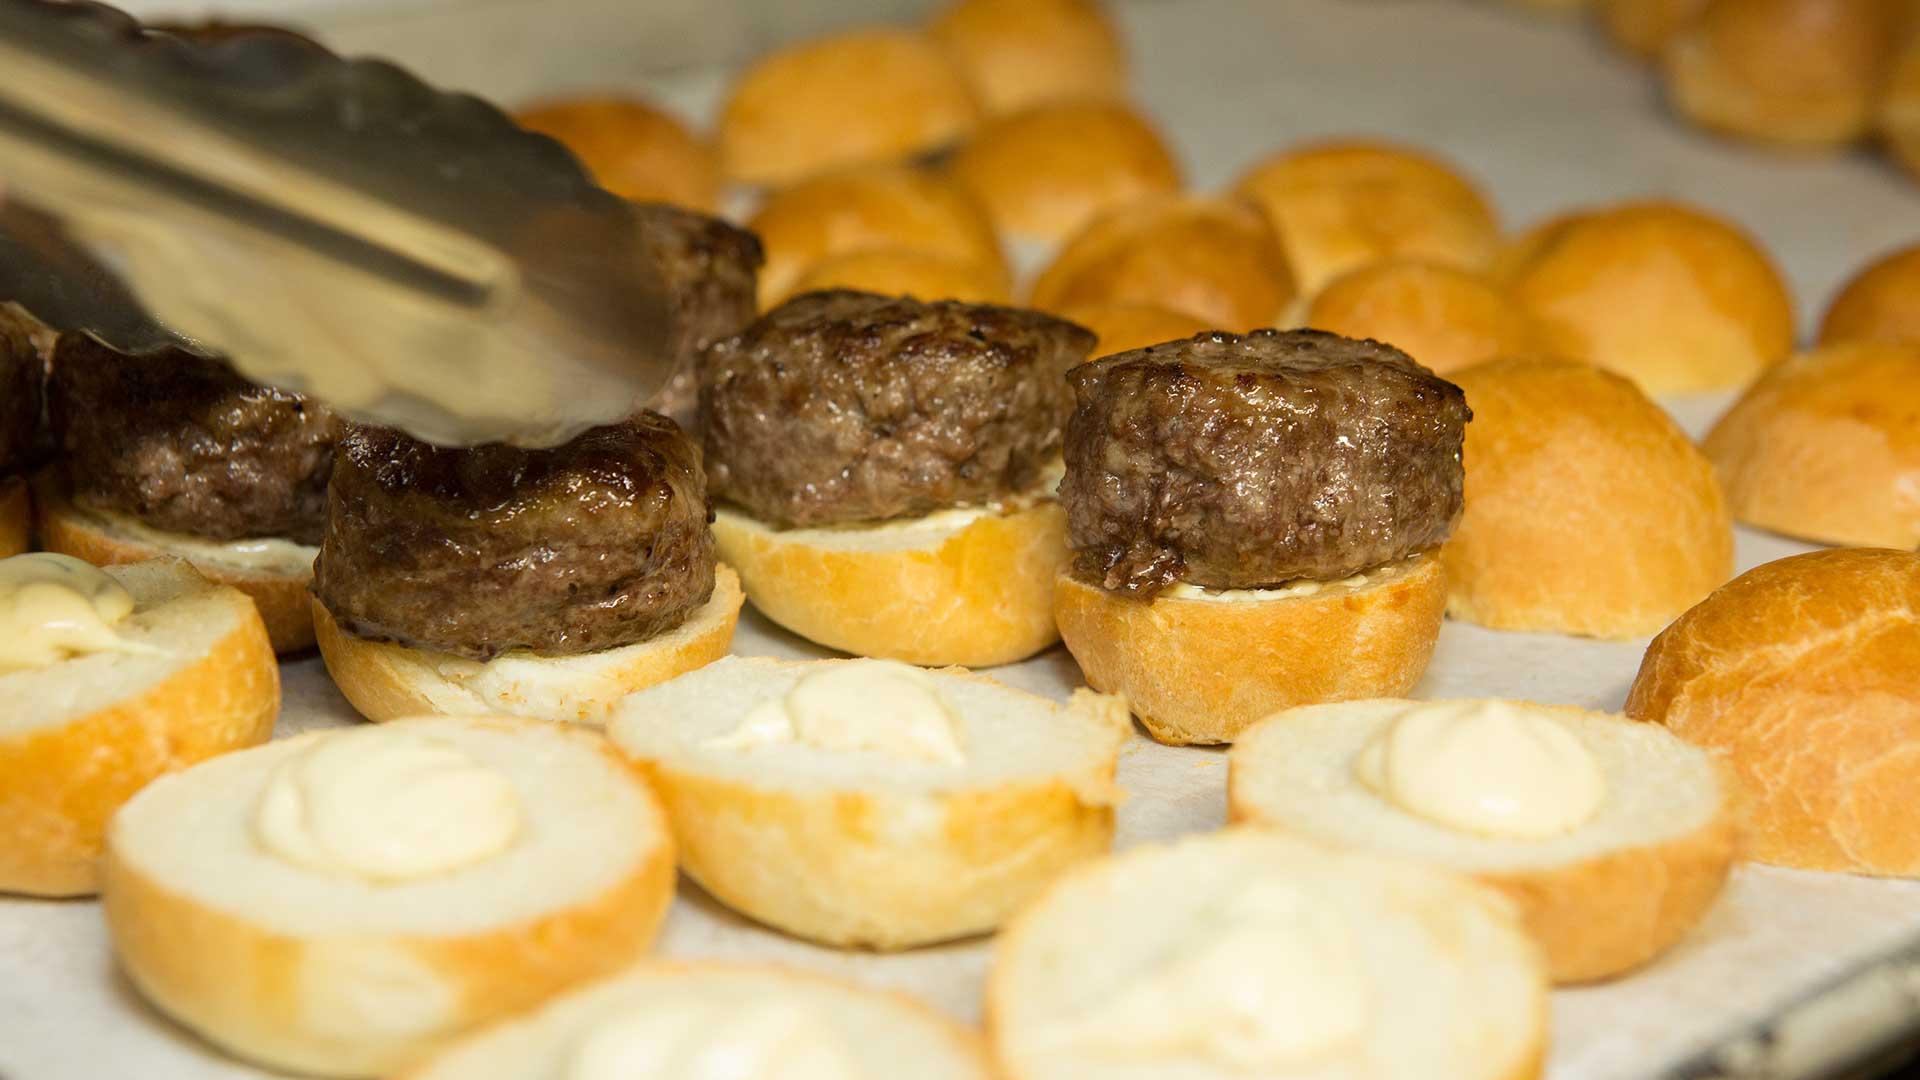 Wedding Catering Beef Sliders on Brioche Bun